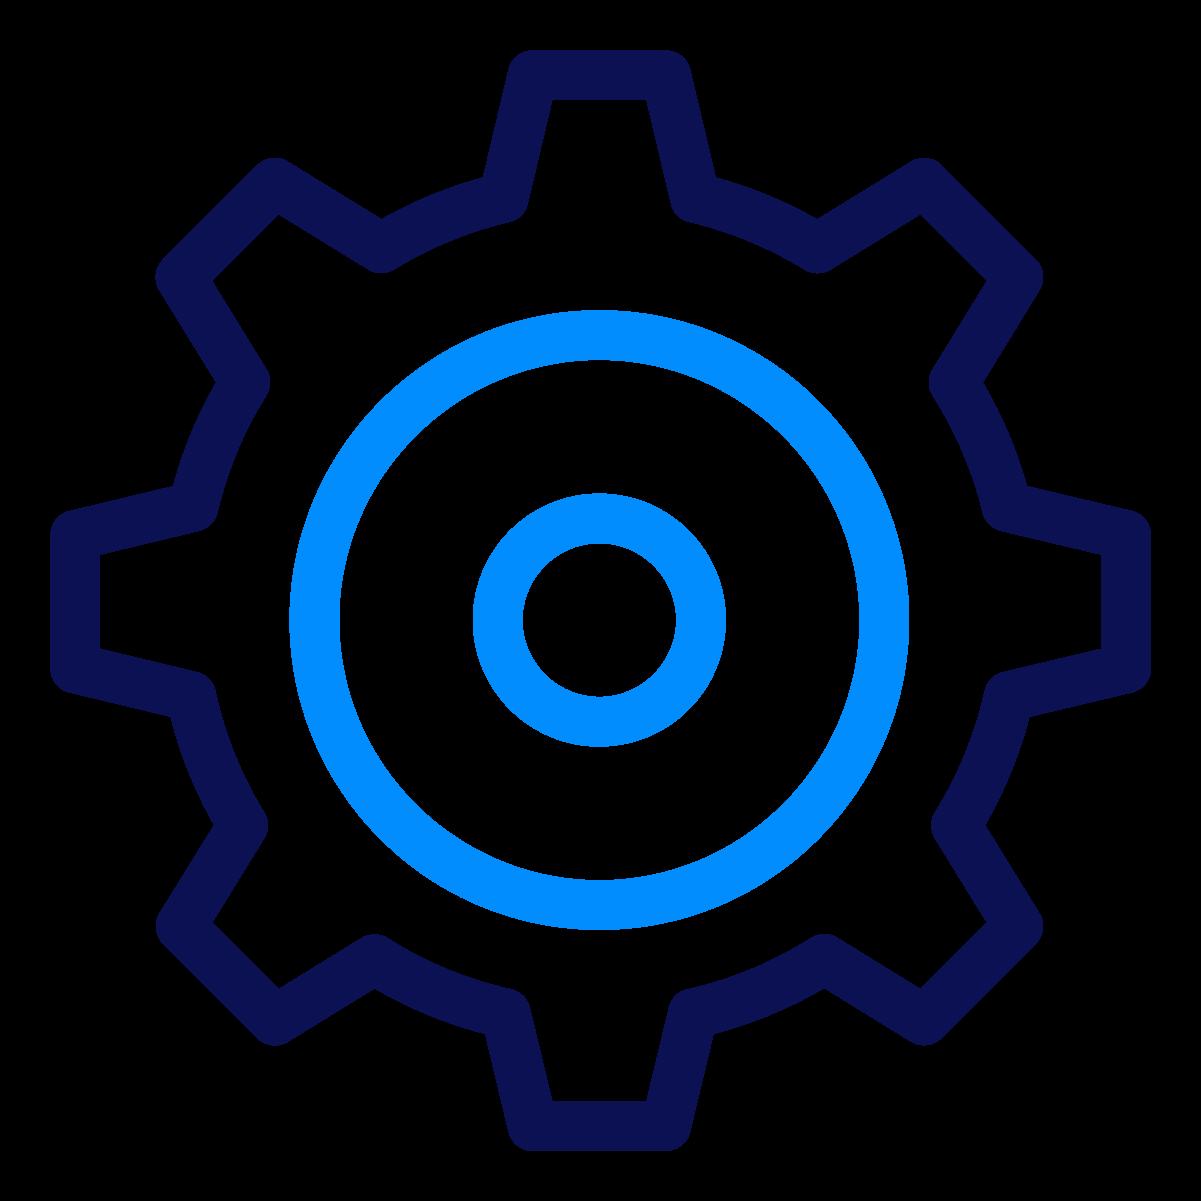 UX-UI-Icon_processed-26